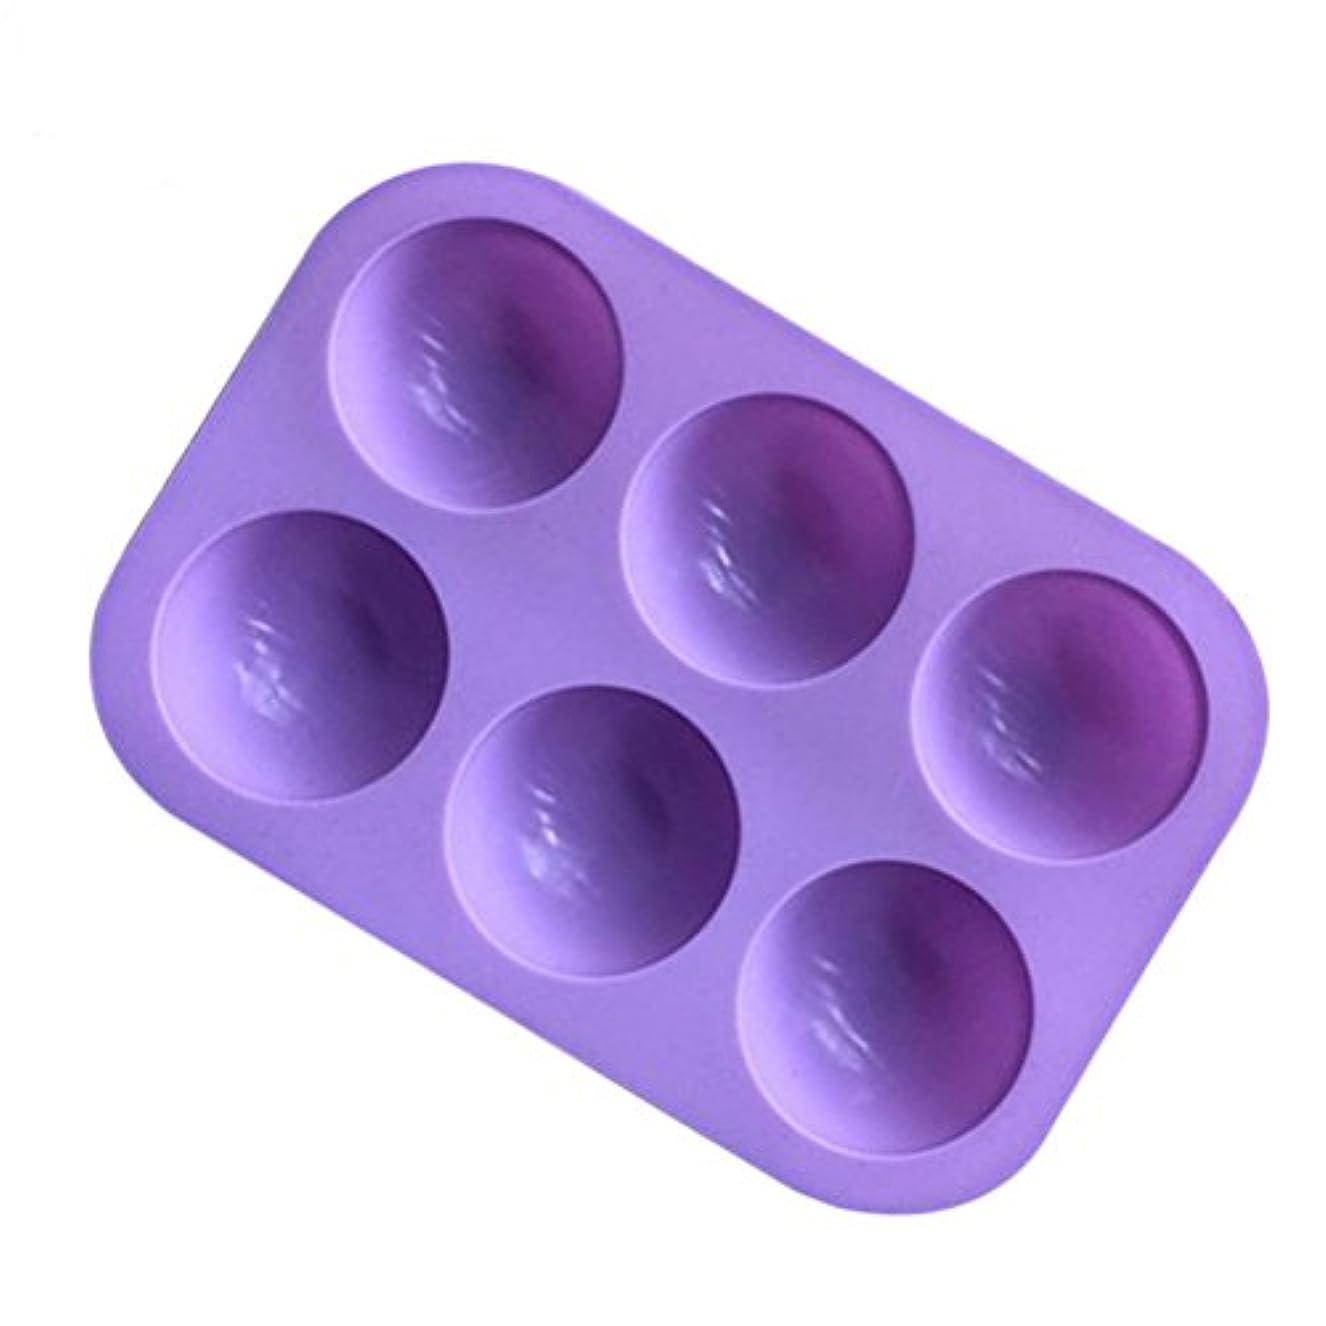 小康退屈させる慢BESTONZON シリコンソープモールド半円マフィンパンカップケーキキャンディモールドケーキチョコレートモールドベーキングモールド6個のキャビティ(紫色)